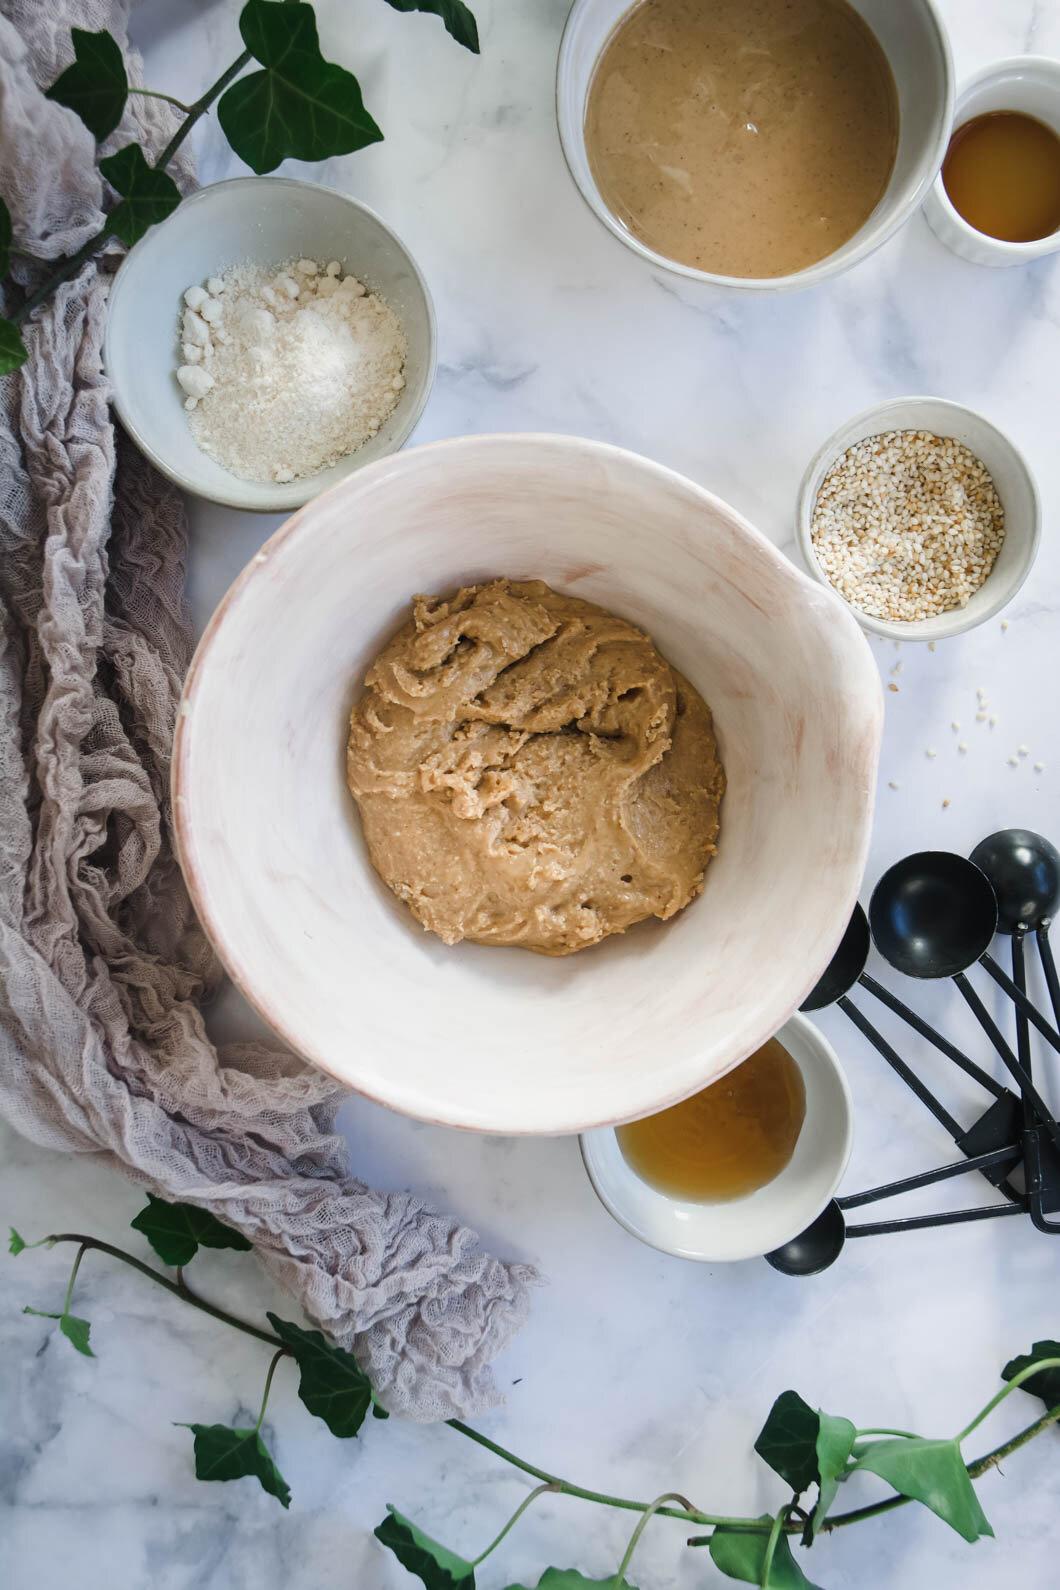 Peanut Butter Sesame Balls mixture in bowl